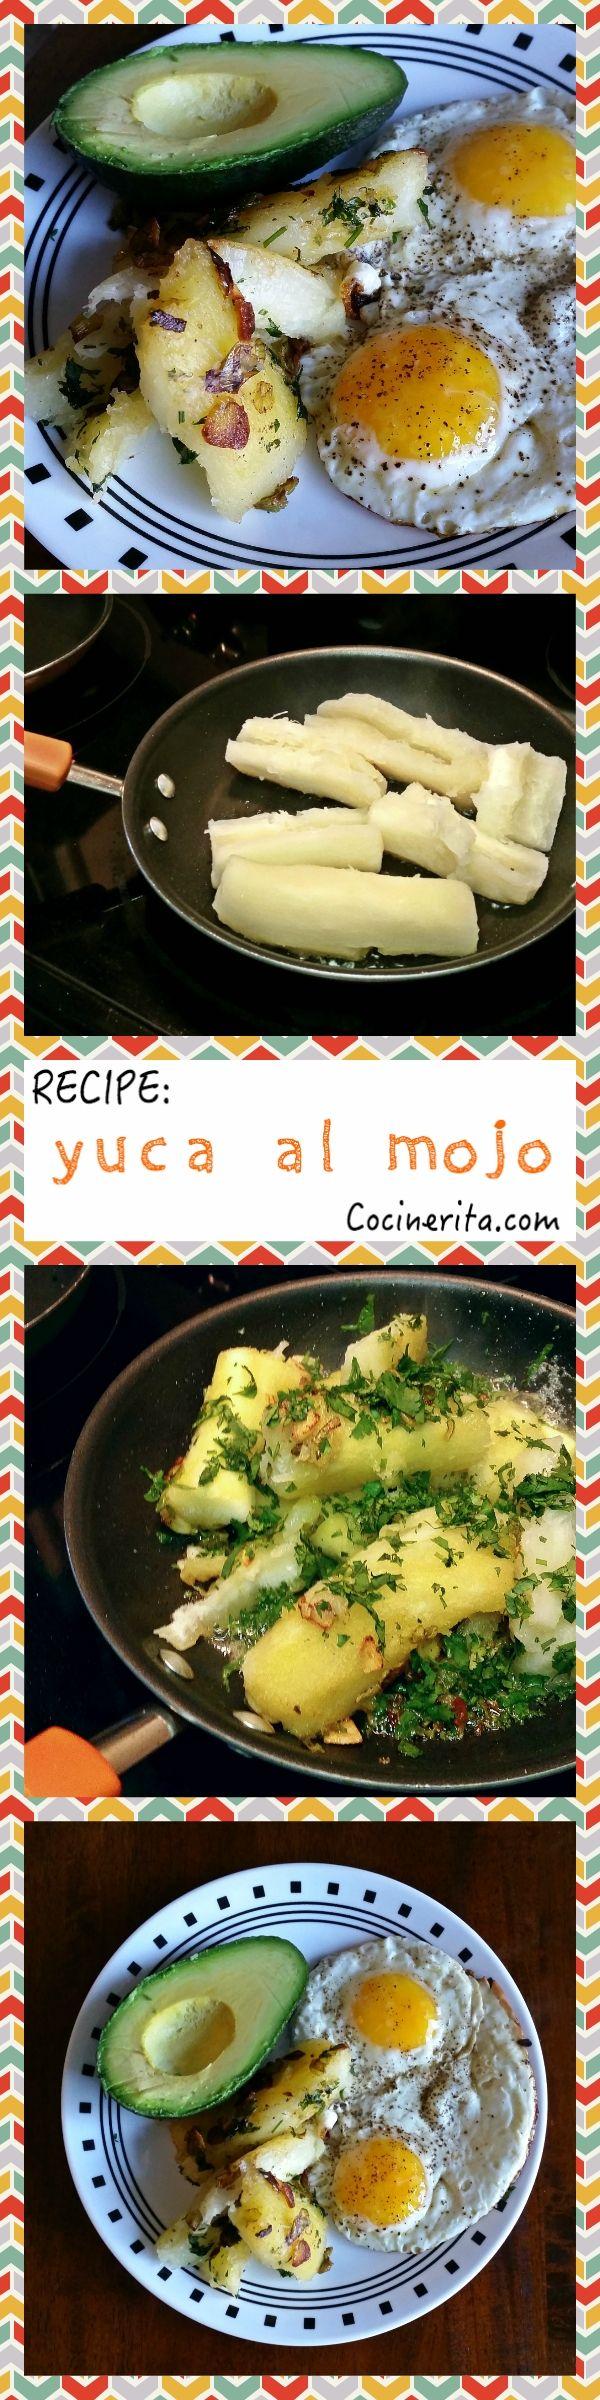 Recipe / Receta de Yuca Al Mojo Panamanian / Caribbean Food